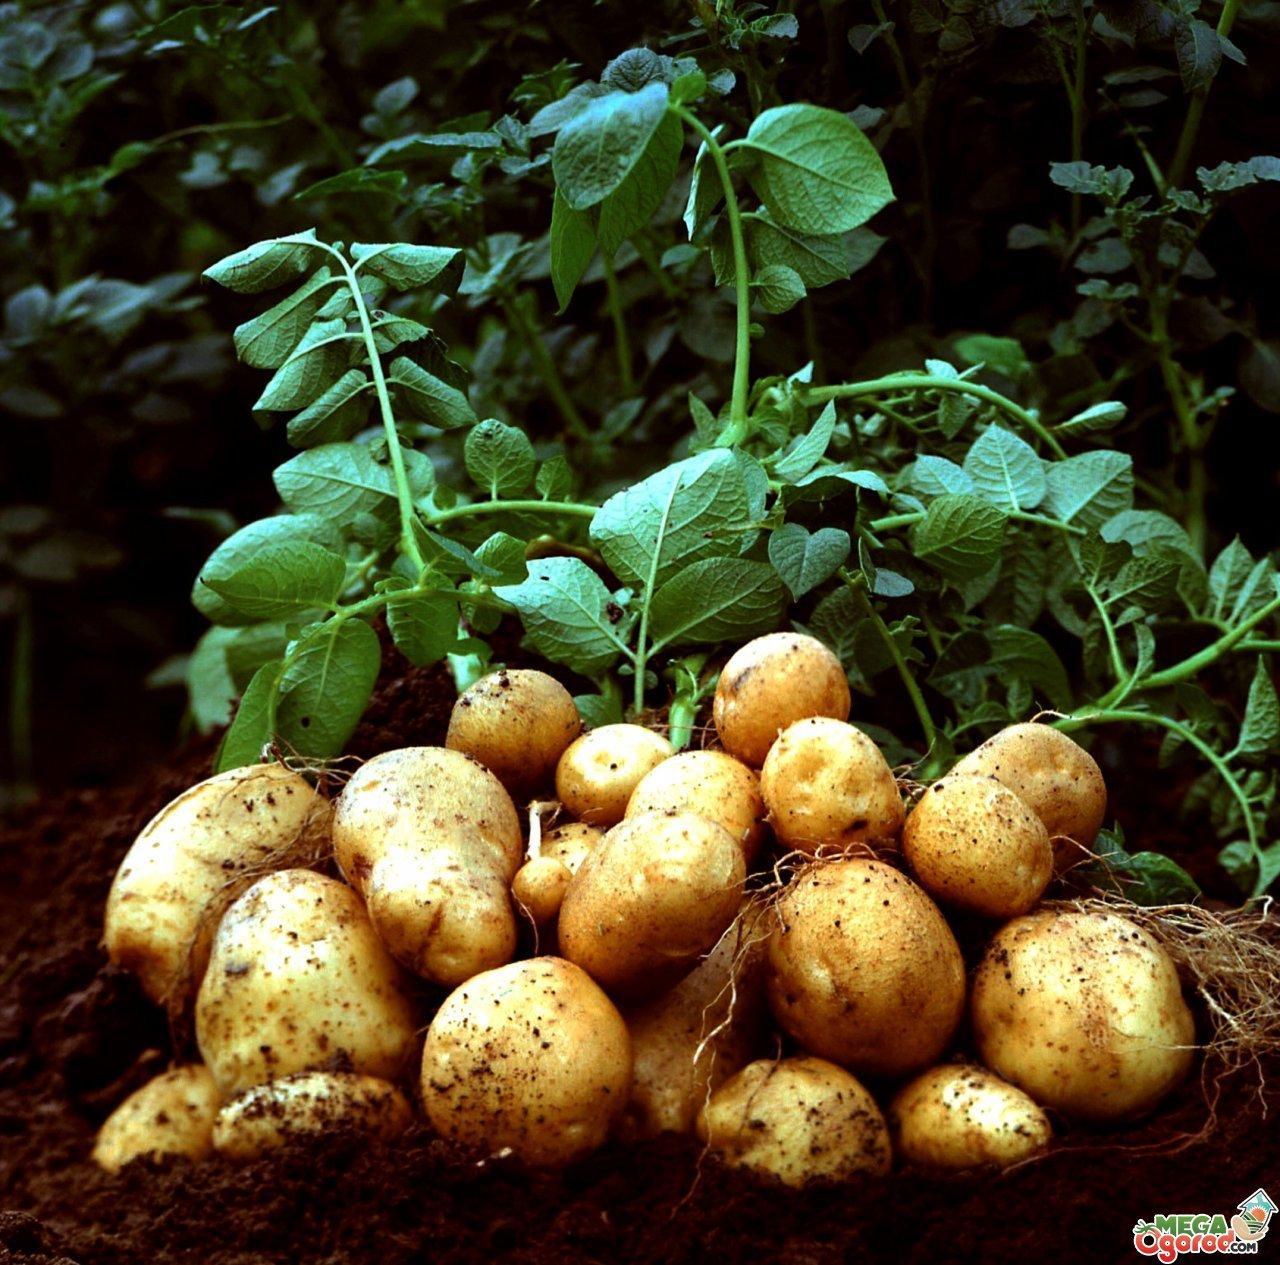 Выращивание картофеля на огороде и важные моменты при этом